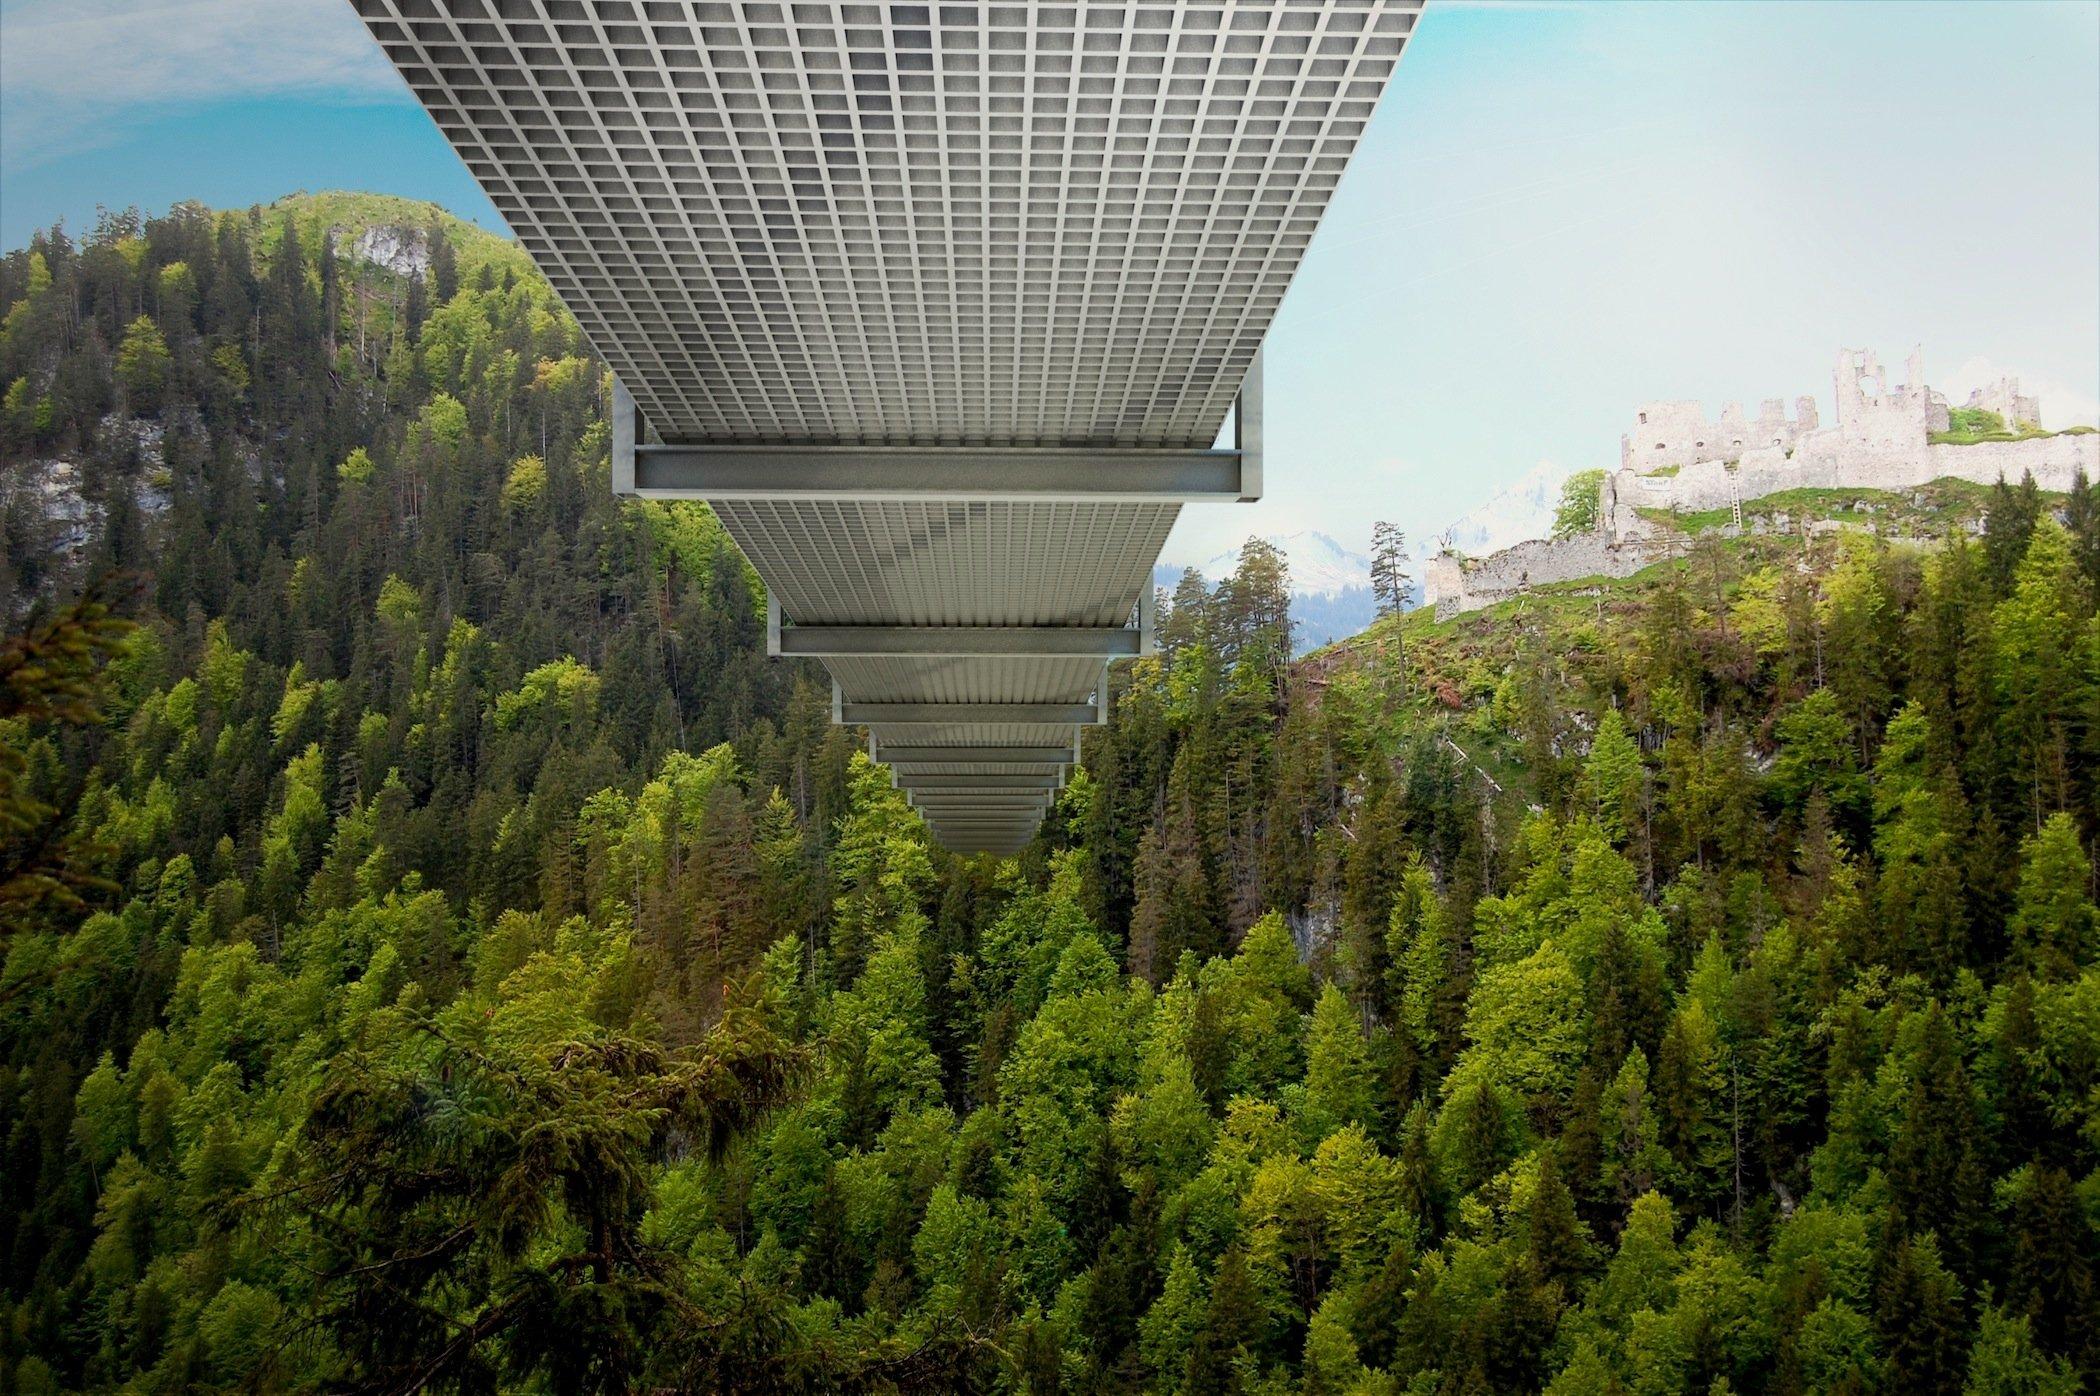 Nichts für Hasenfüße: Der Boden der Hängeseilbrücke von Reutte besteht nur aus Gitterrosten, die den Blick ins Tal erlauben. Und der Talgrund ist mit 114 Metern ein ganzes Stück entfernt.